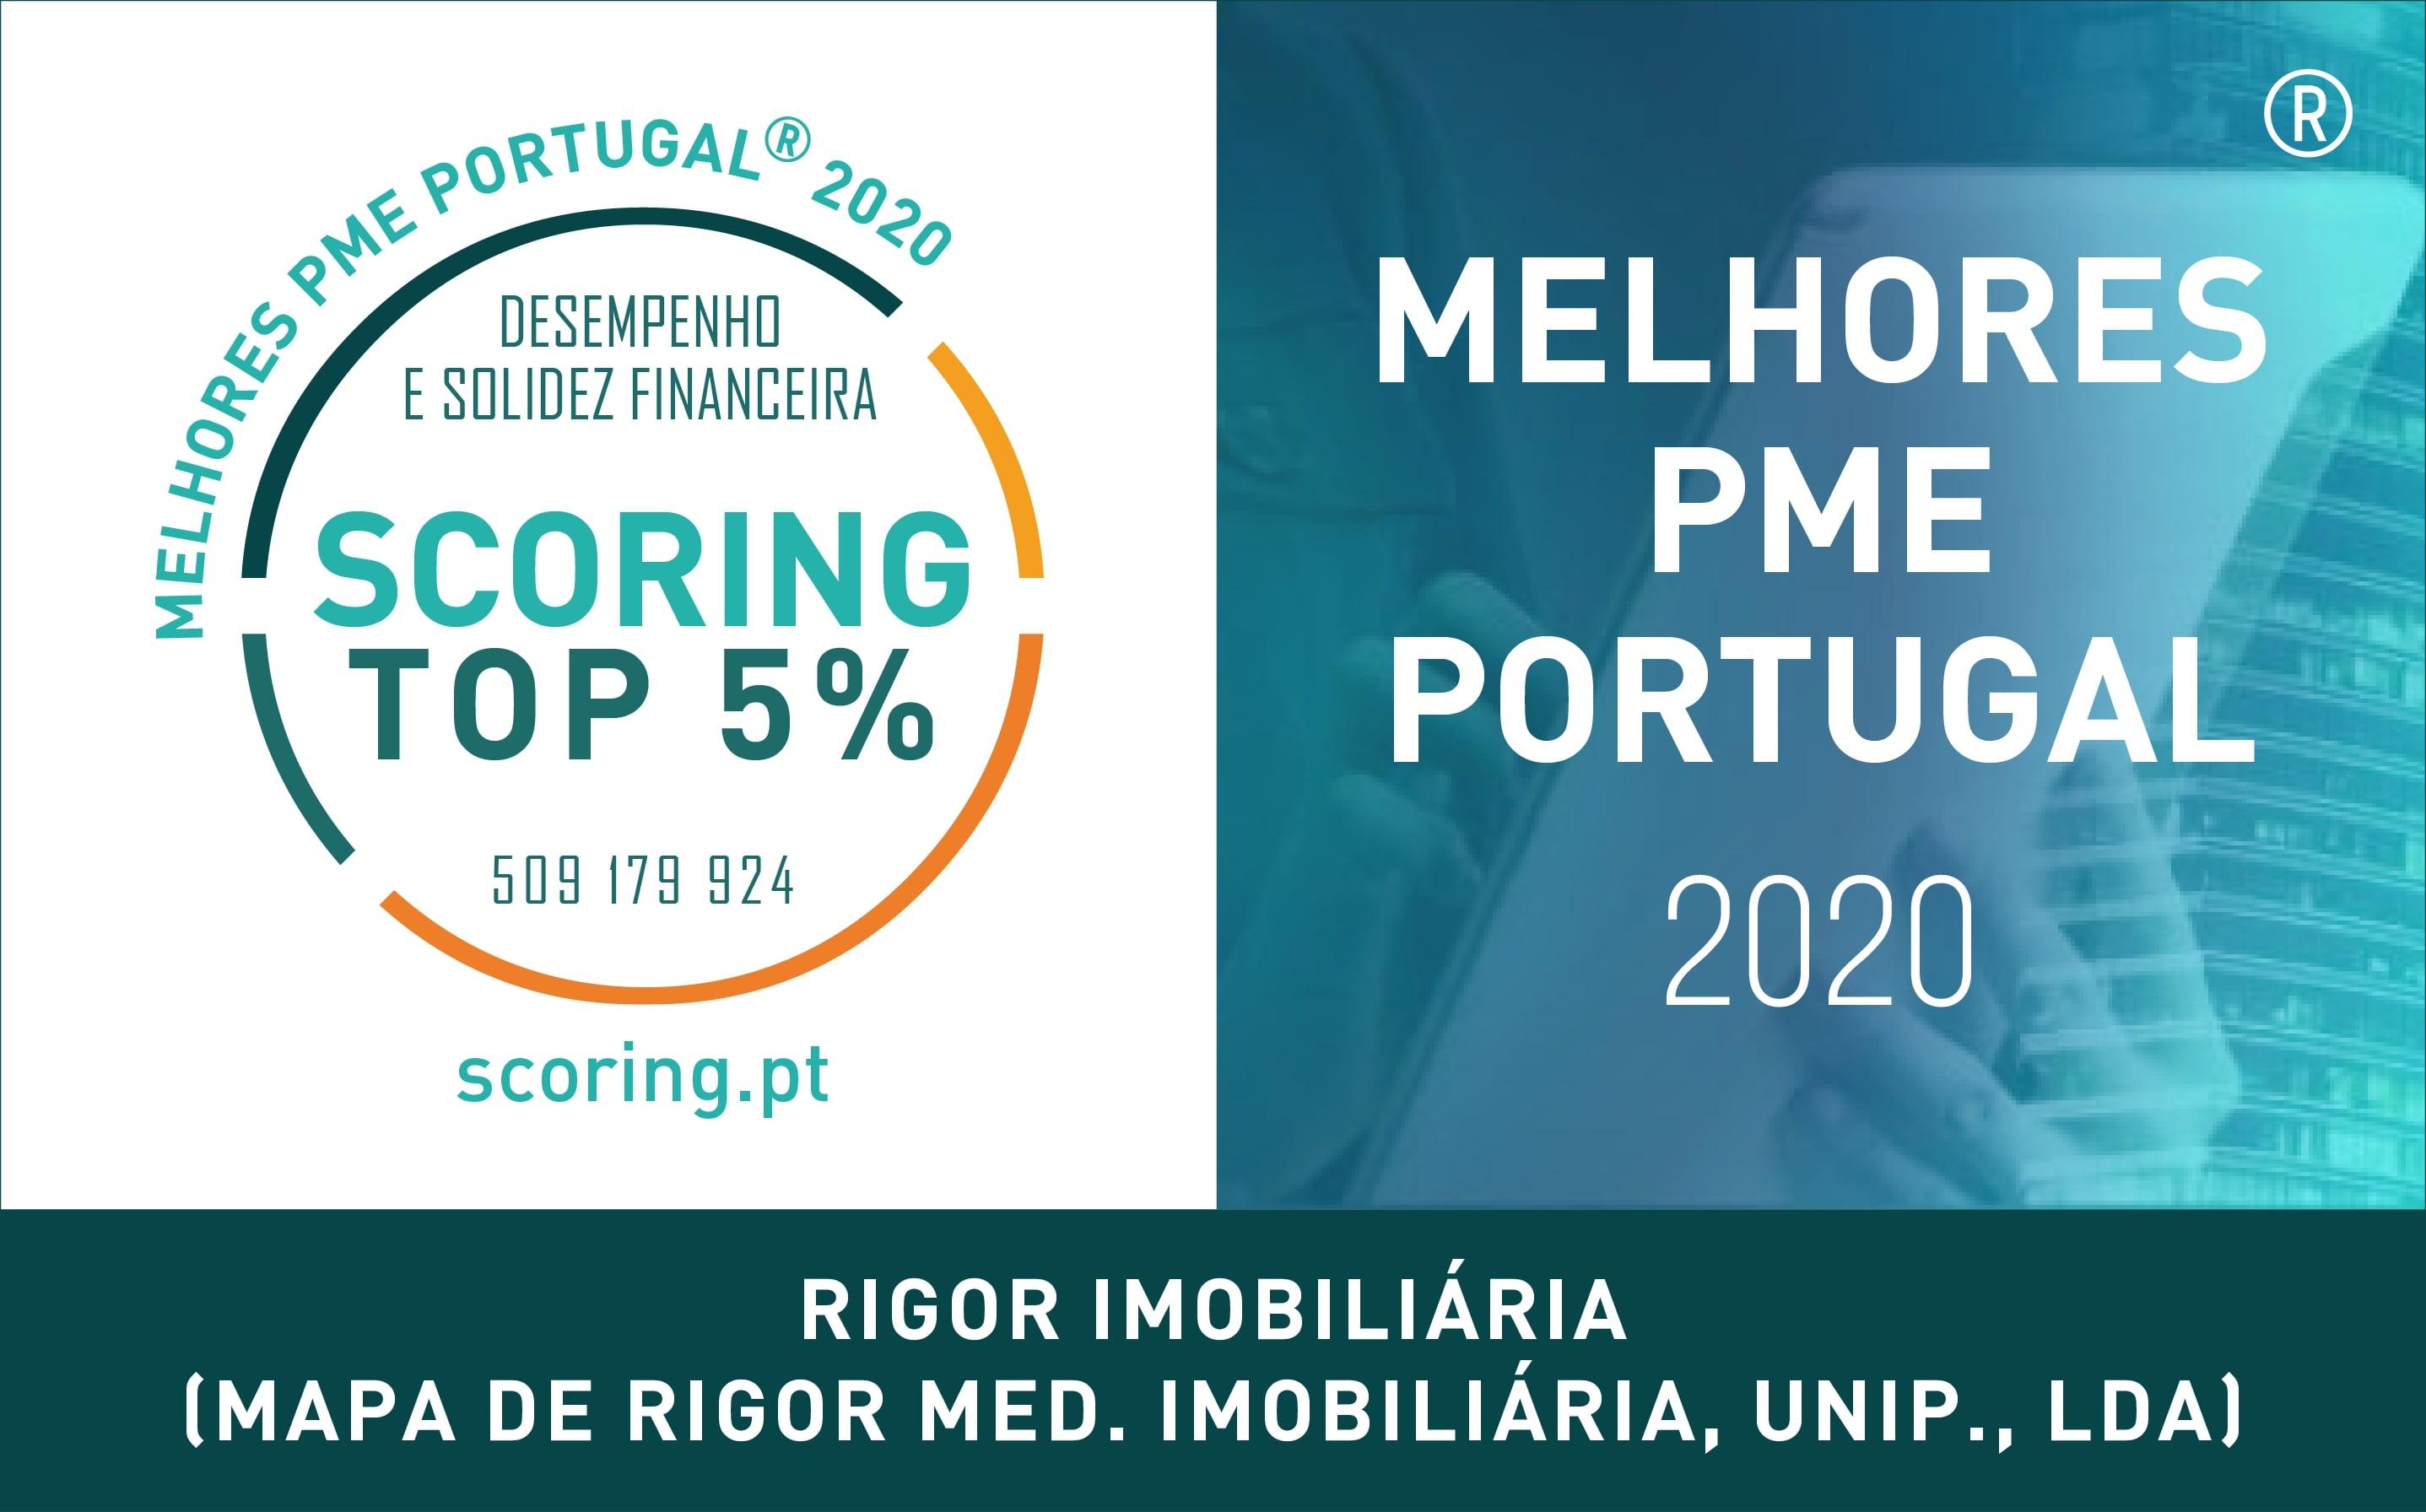 Rigor Imobiliária – Top 5% Melhor PME 2020 by Scoring